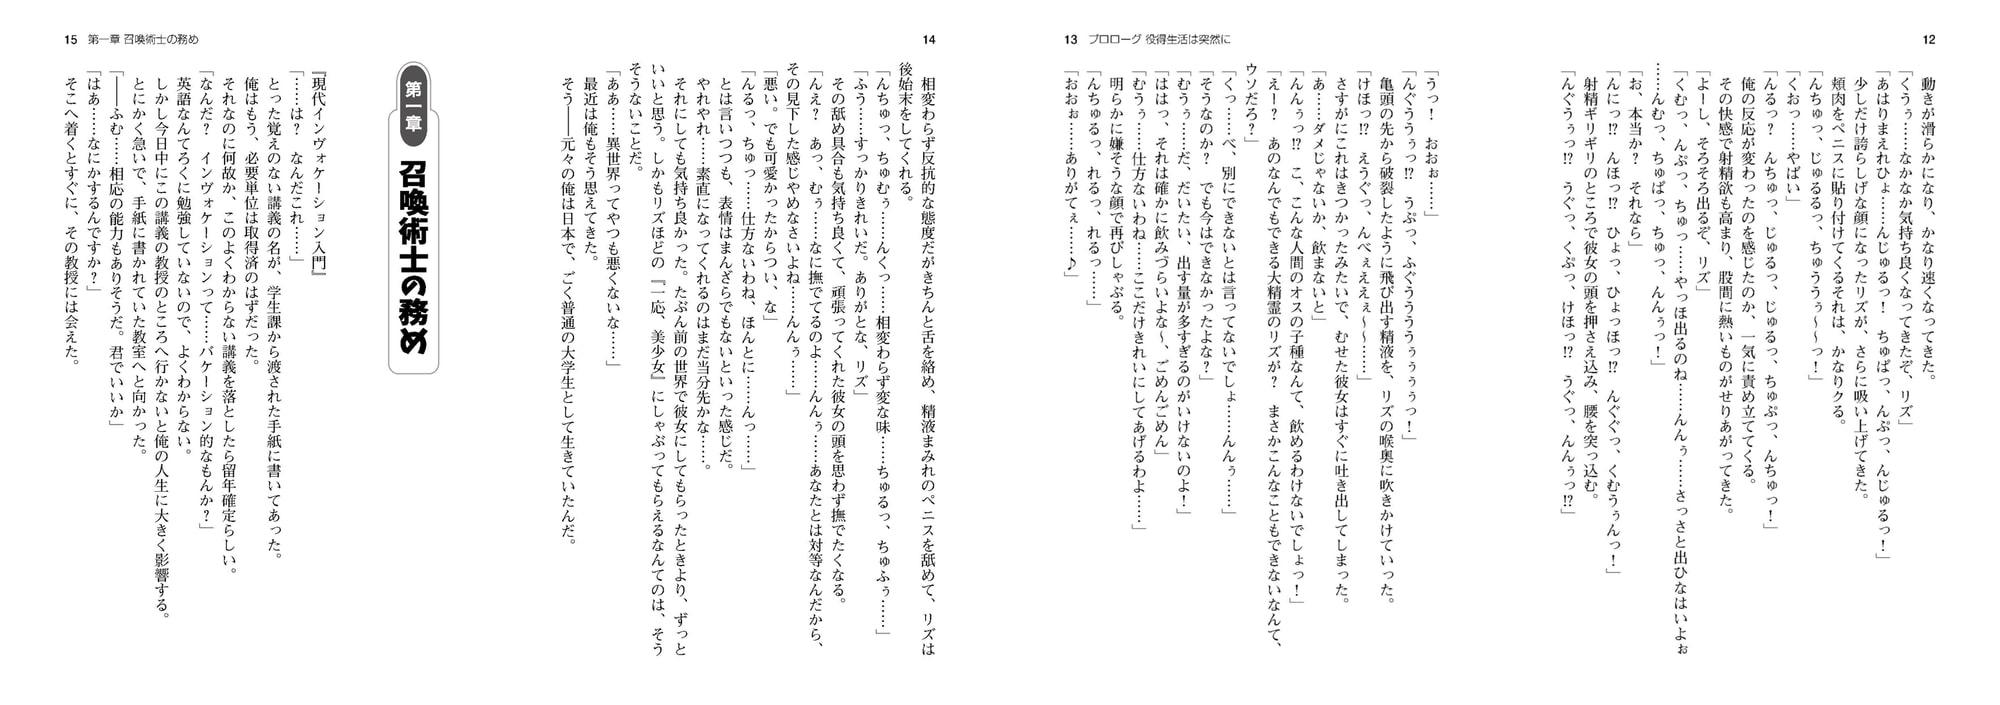 精霊召喚術士のスローライフ~異世界でほのぼの生きよう!~